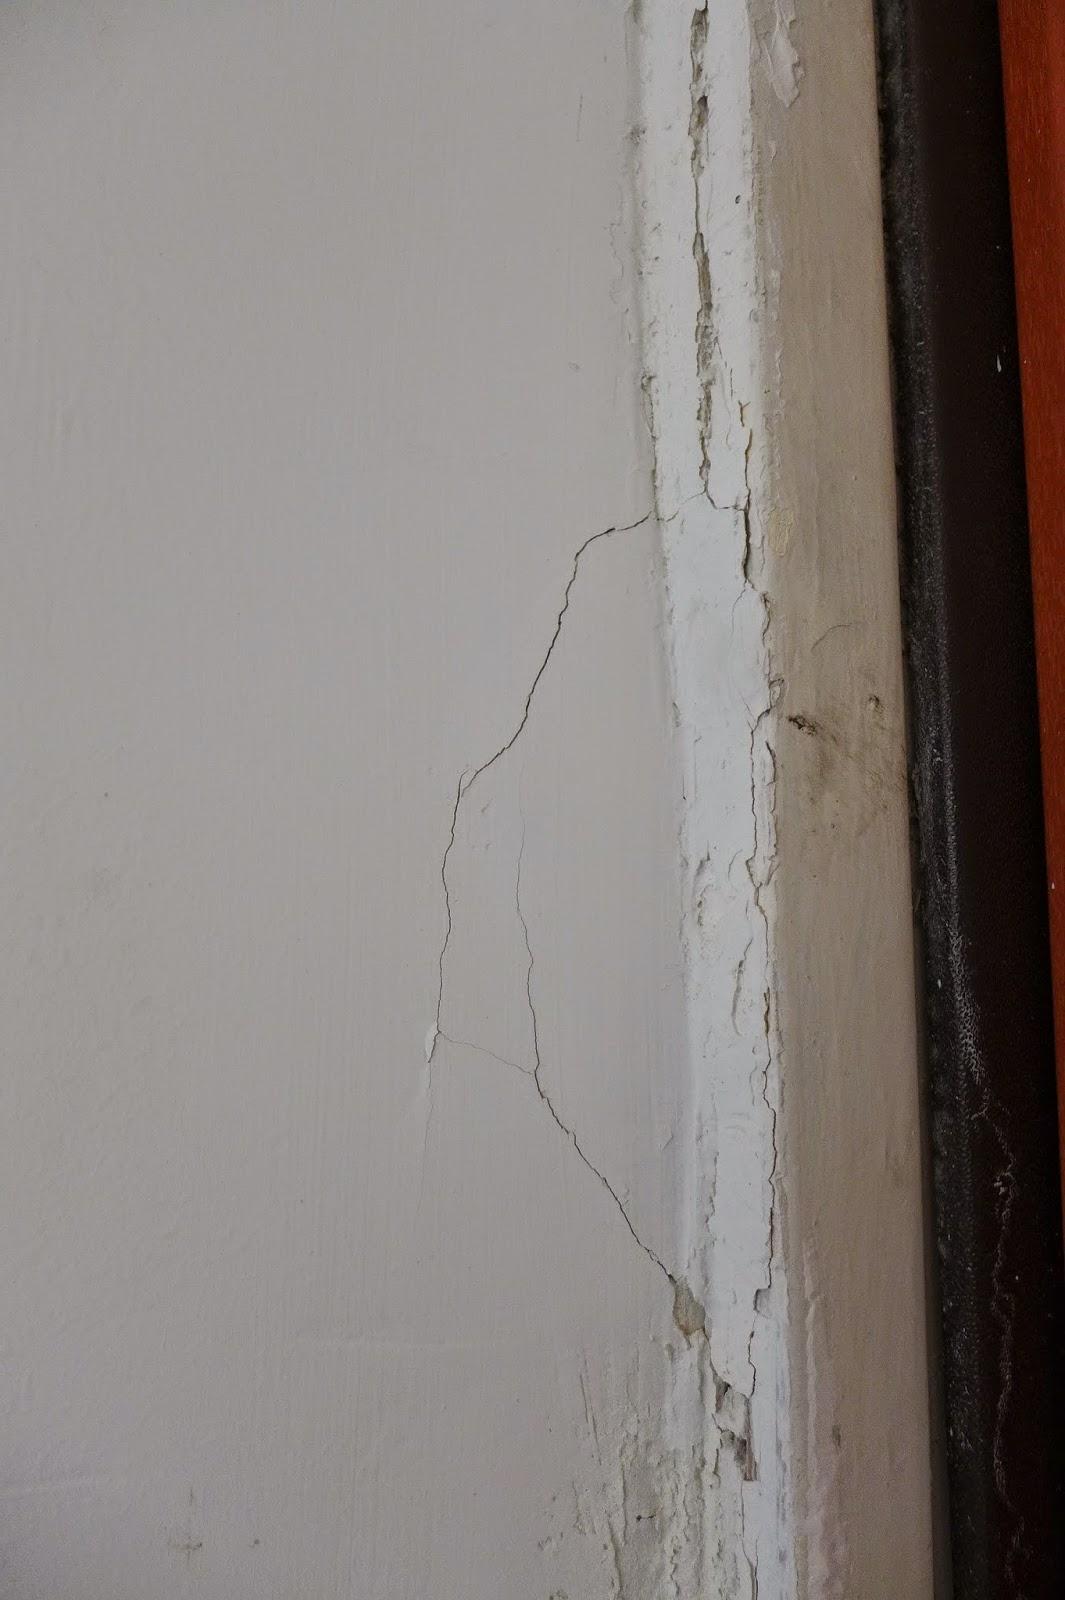 סדקים באיזור דלת כניסה לבית עקב בעיטות בלשי משטרת מרחב דן